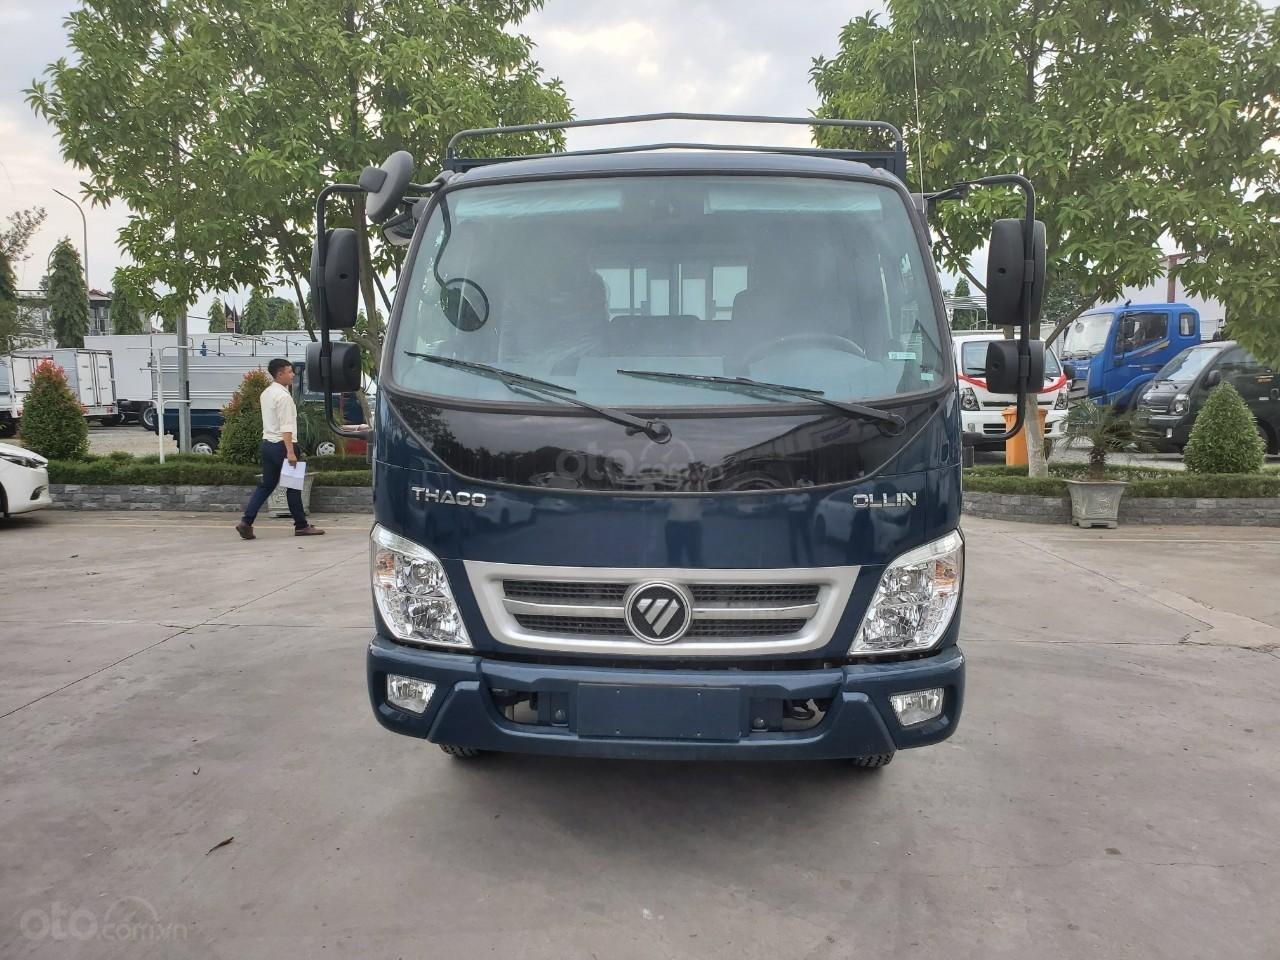 Bán xe tải Thaco OLLIN 345 E4 đời 2019 tải 2.5 tấn, giá tốt (3)